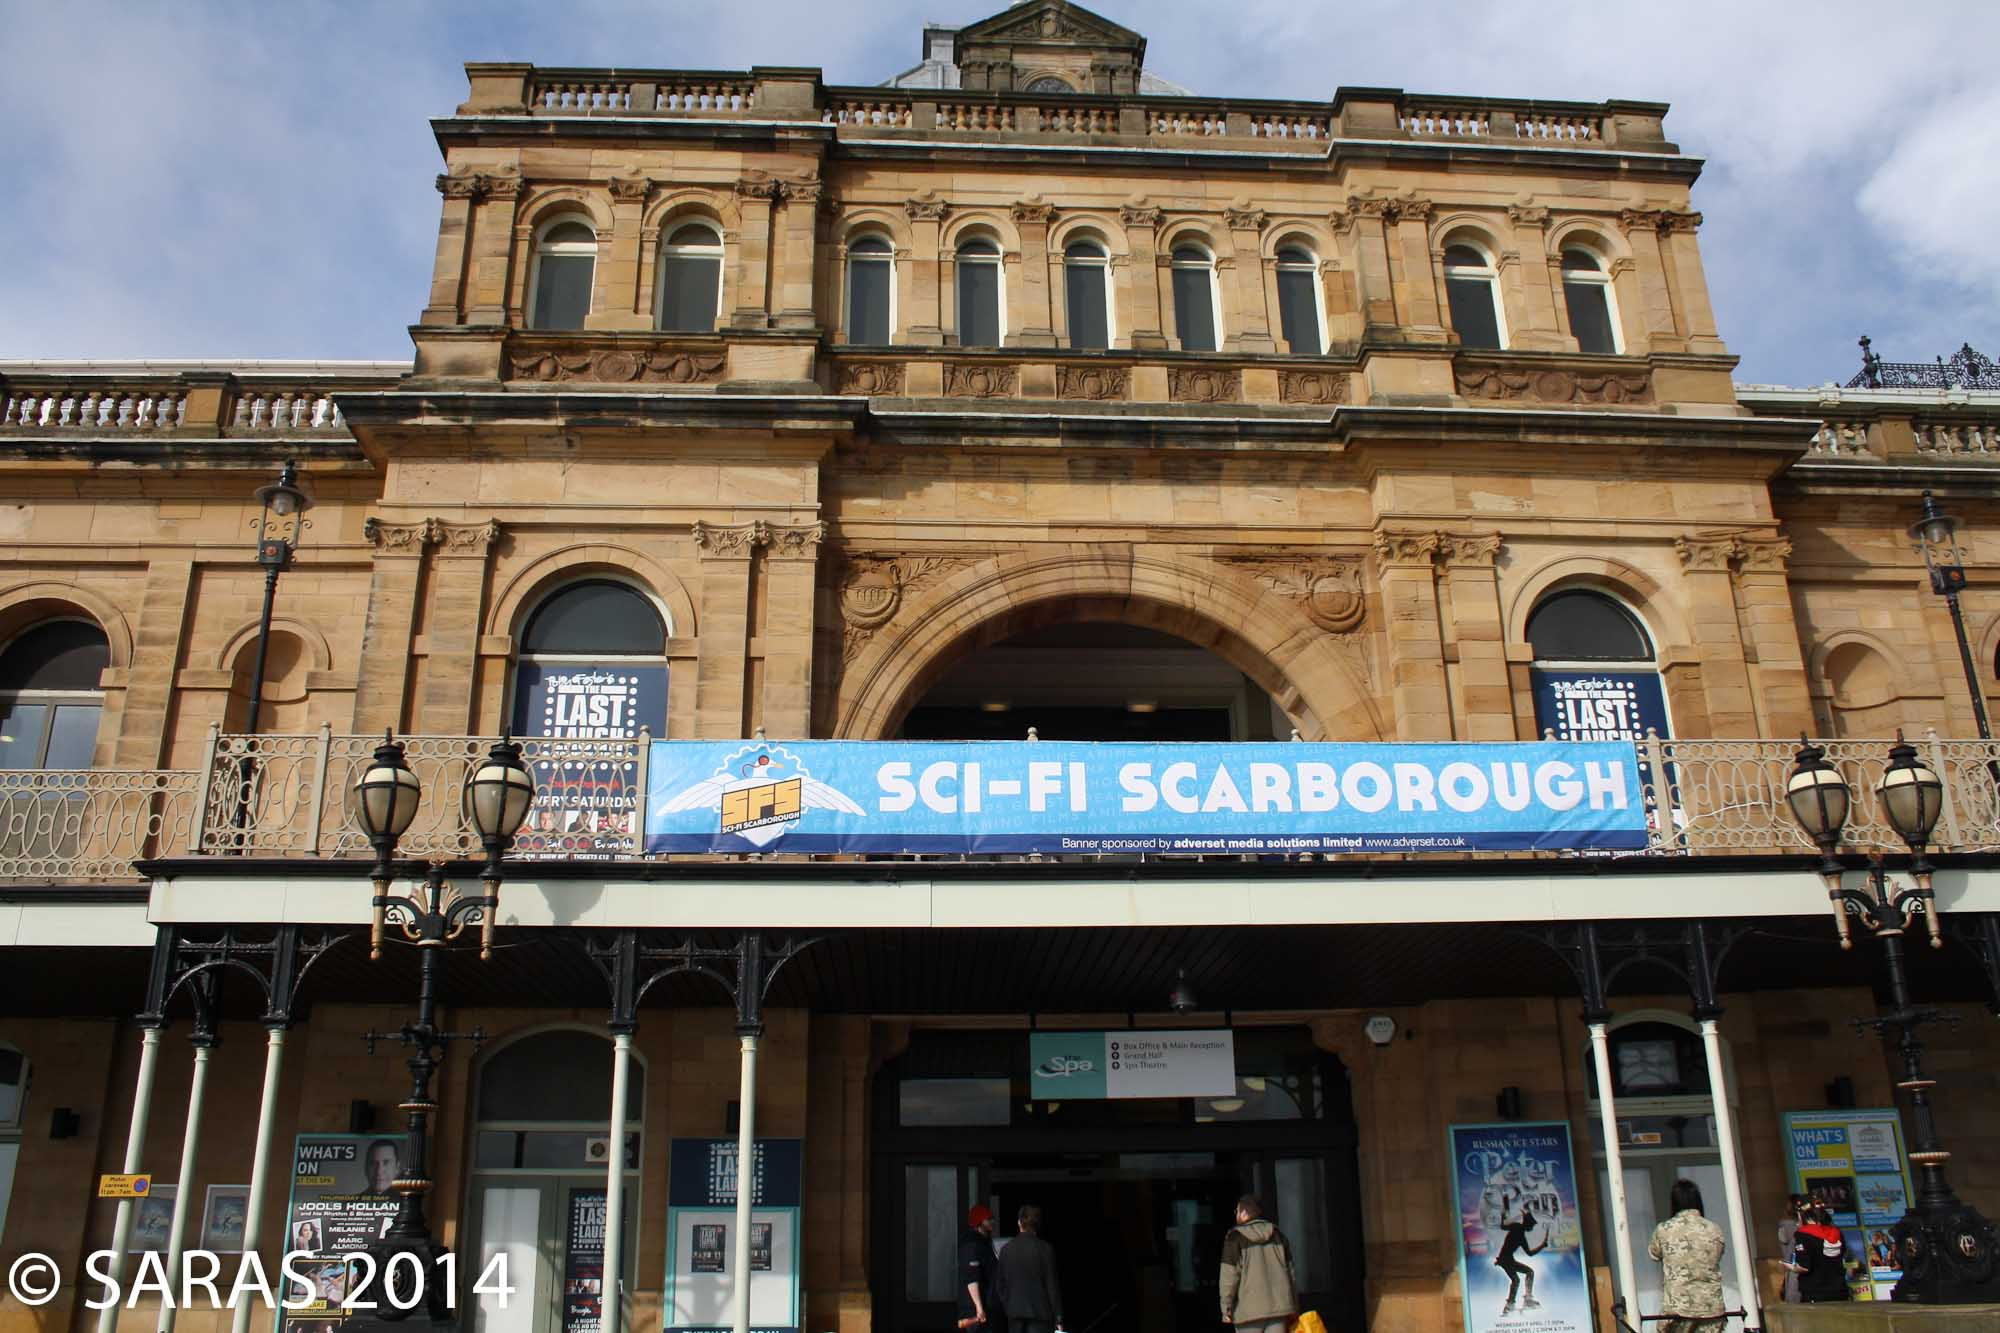 SciFiScarborough2014-11